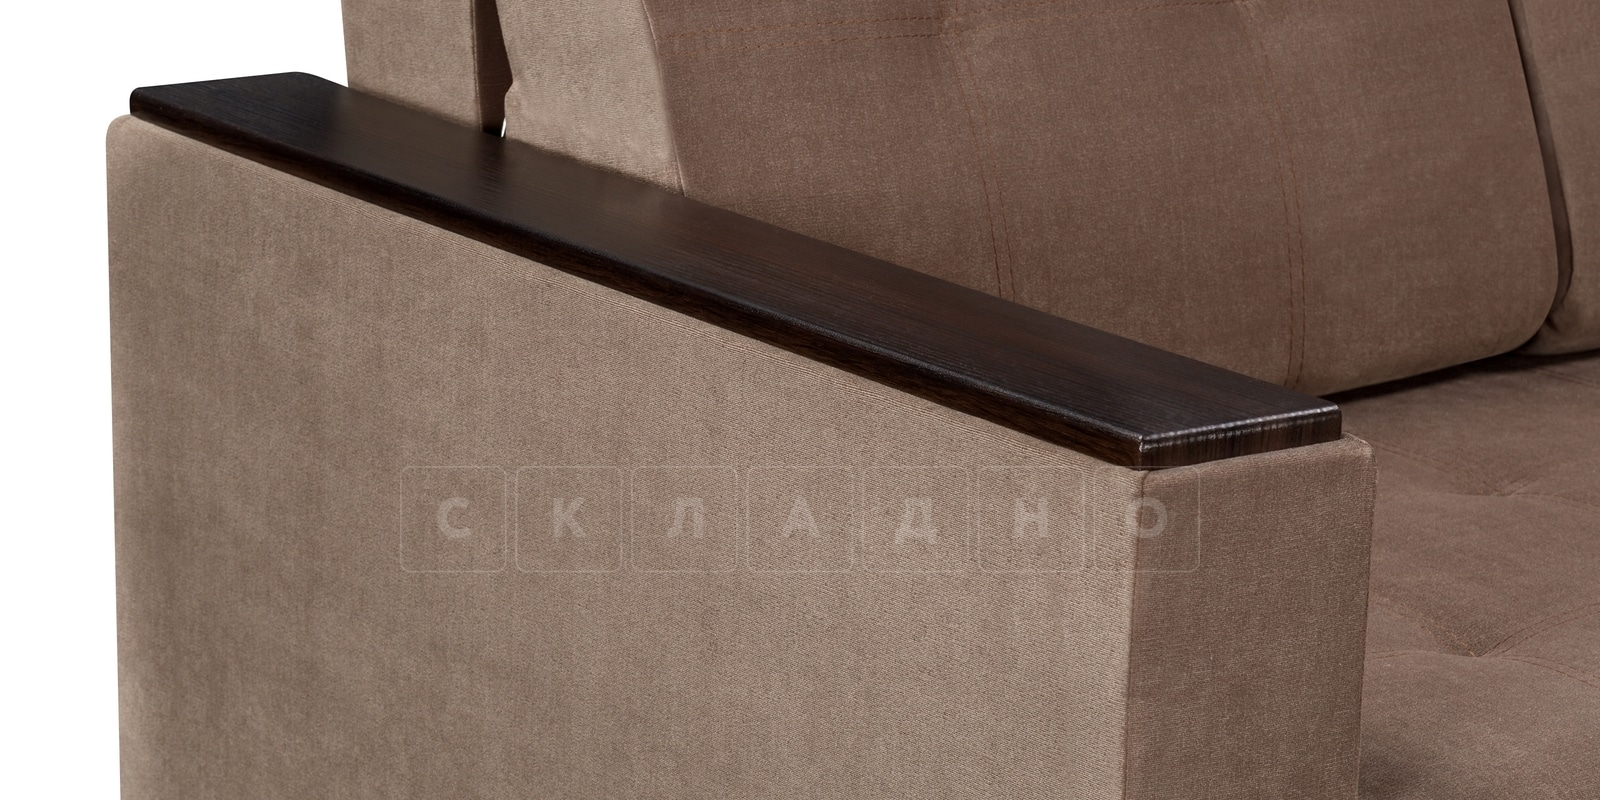 Диван Атланта вельвет светло-коричневый фото 4 | интернет-магазин Складно